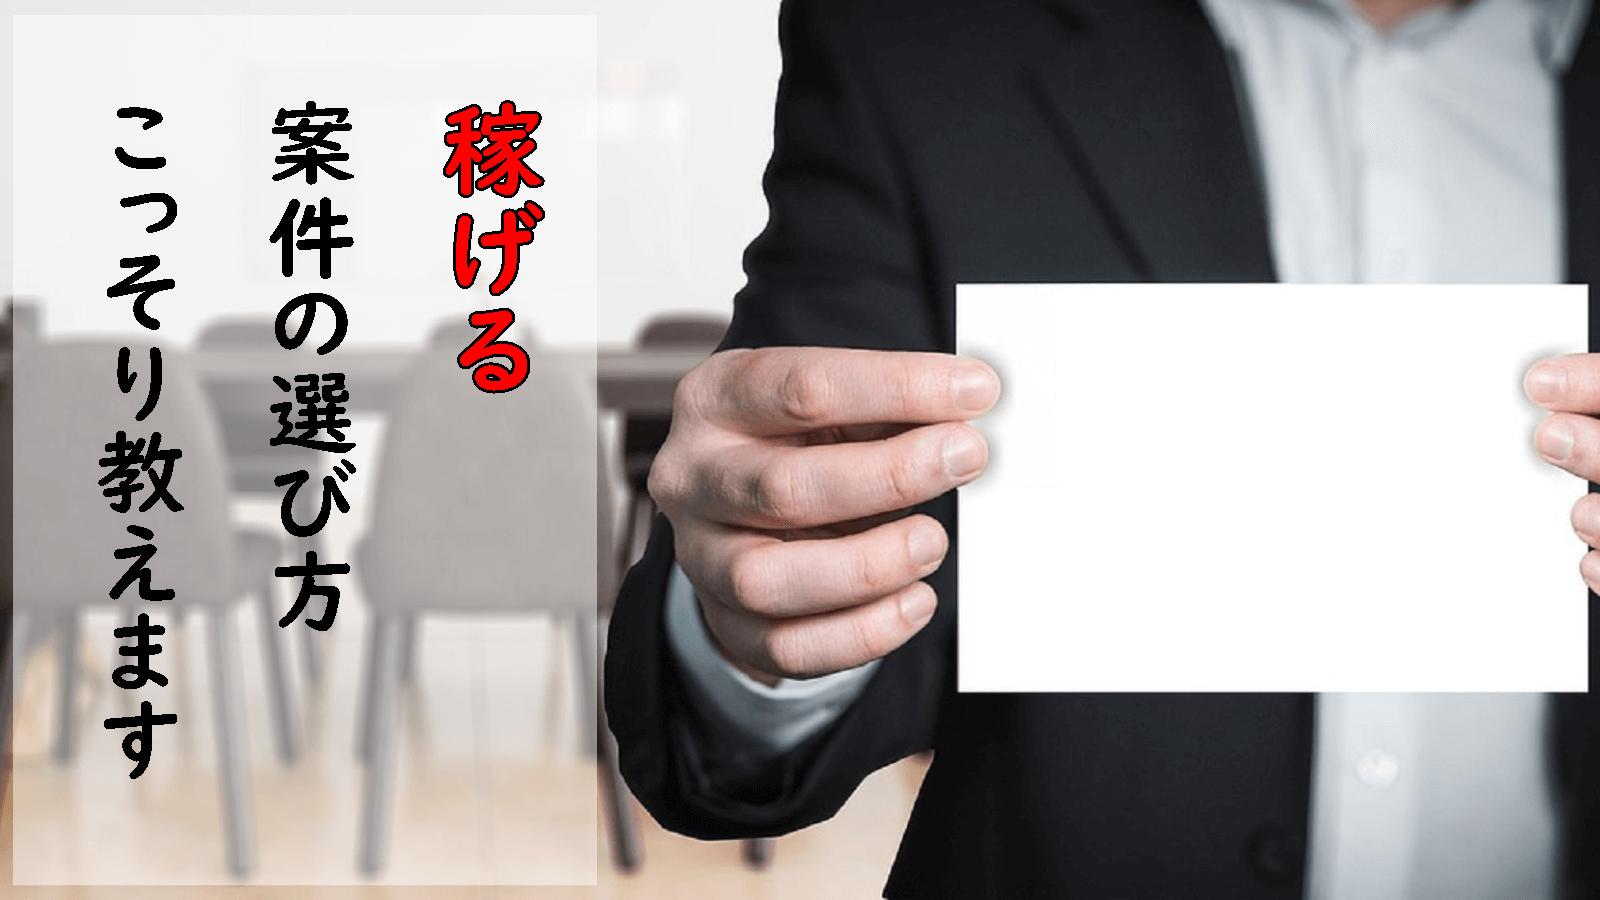 アフィリエイト初心者の案件の選び方は、○○を重要視するべき!?